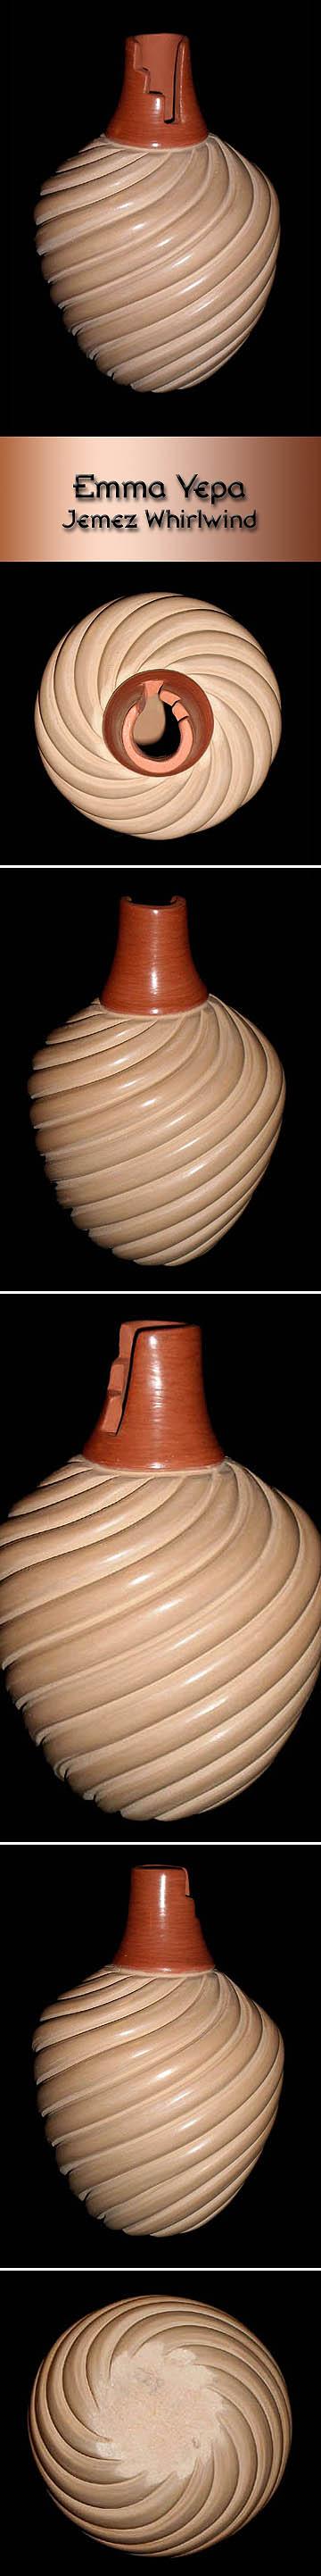 Pueblo Pottery by Emma Yepa - Jemez Whirlwind